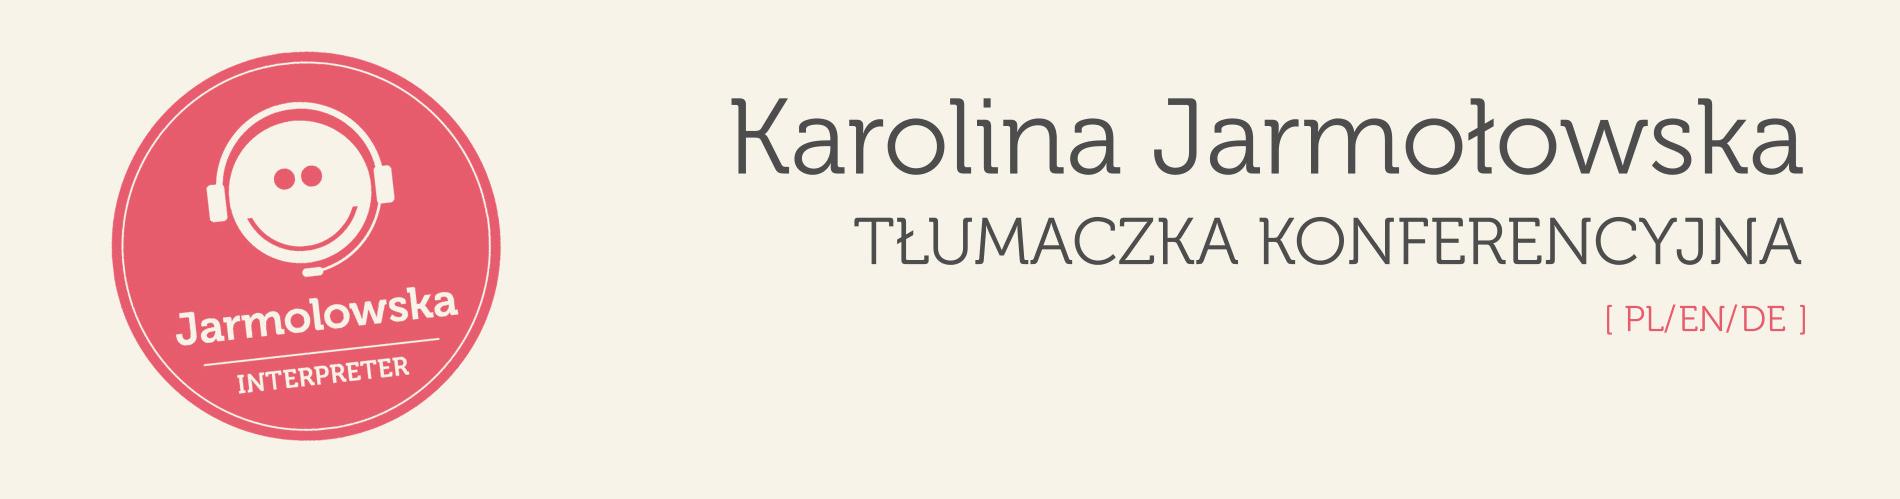 Tłumaczka języka angielskiego